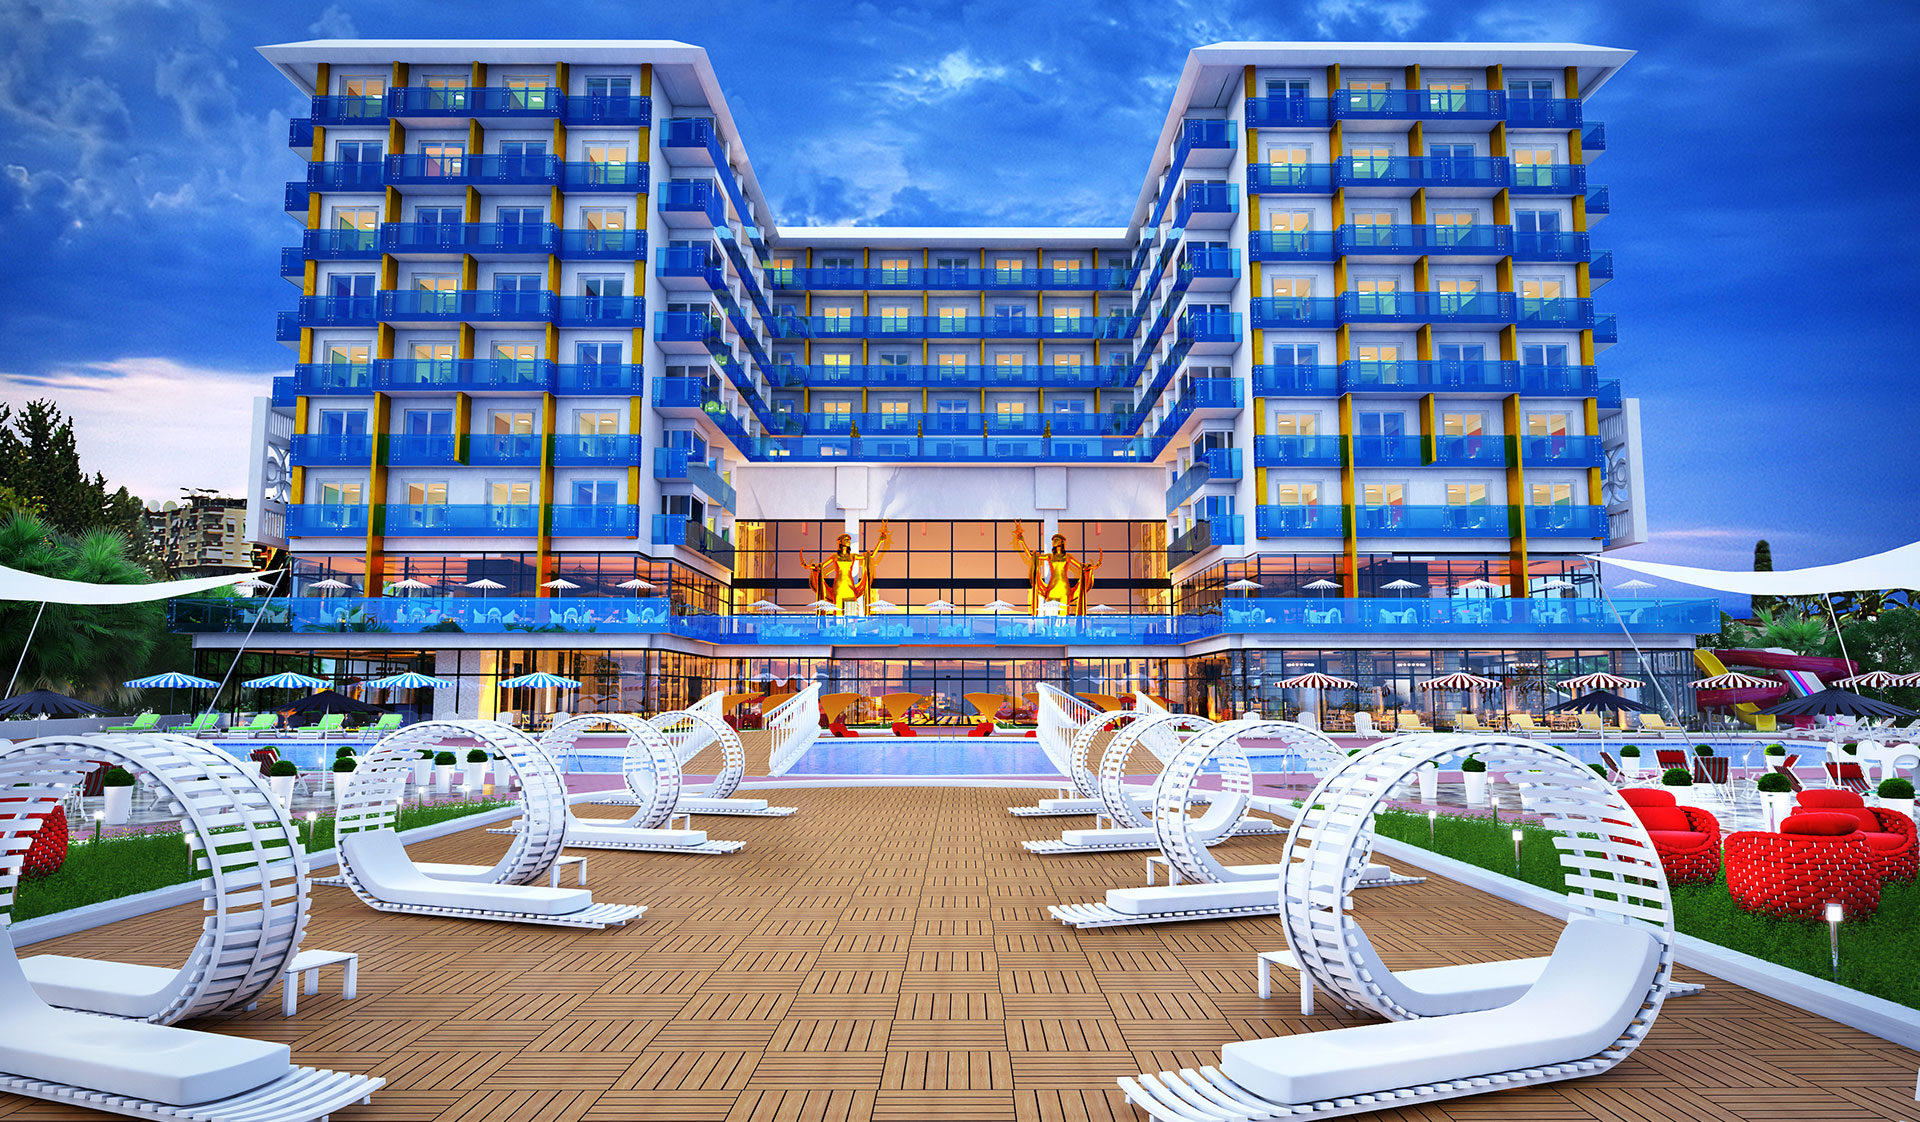 Выбор отеля для отдыха – что главное?